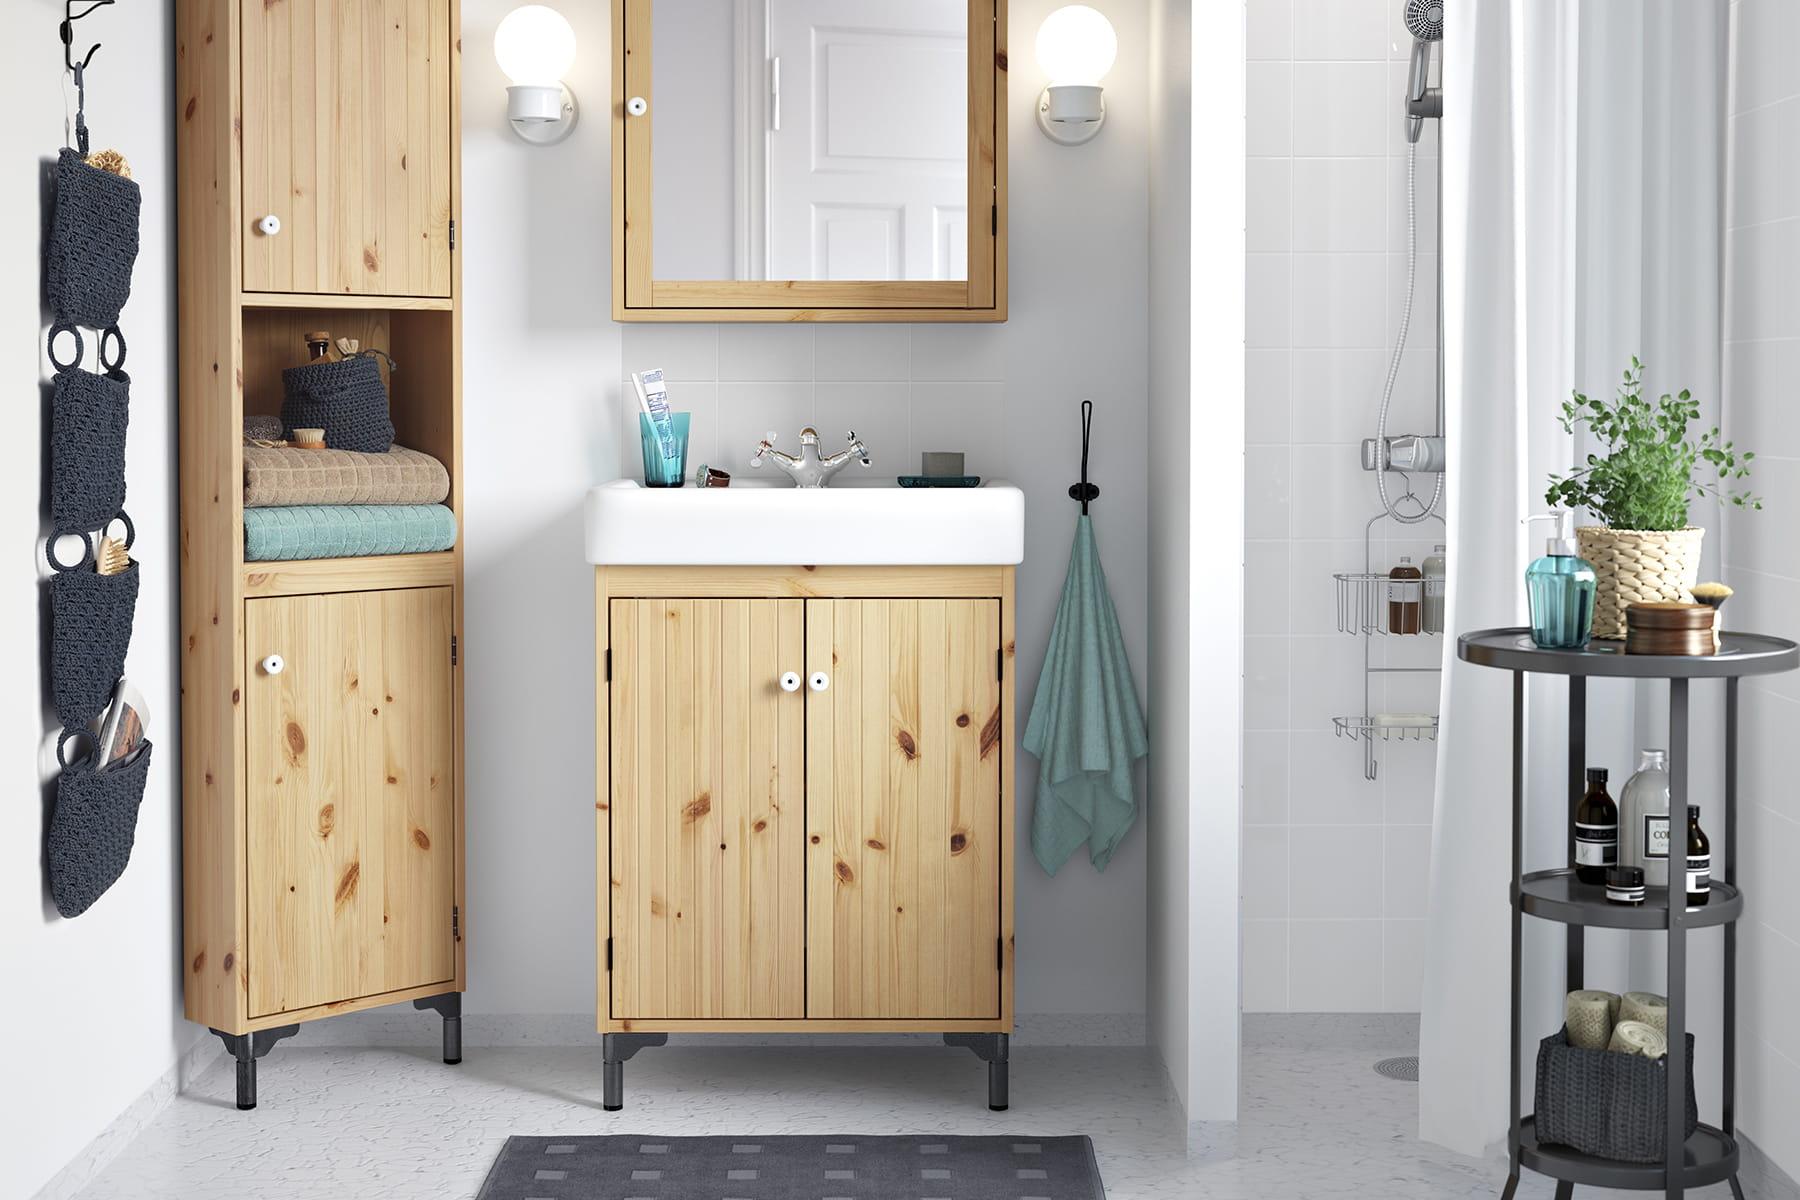 Des accessoires pour salle de bains for Accessoires pour salle de bain